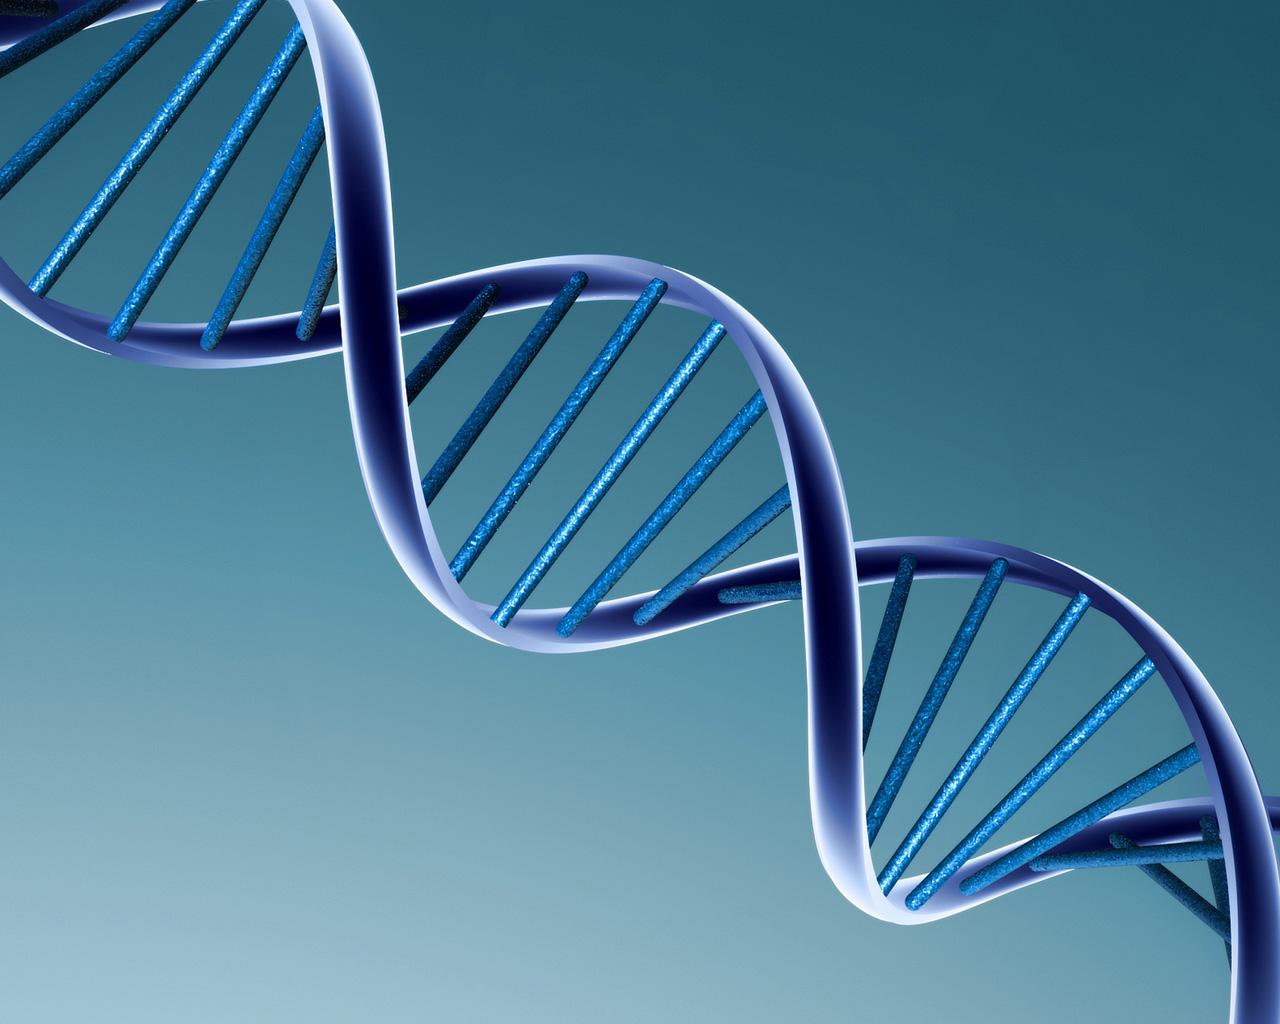 Reino Unido sopesa la creación de bebés de 3 personas para combatir las enfermedades genéticas